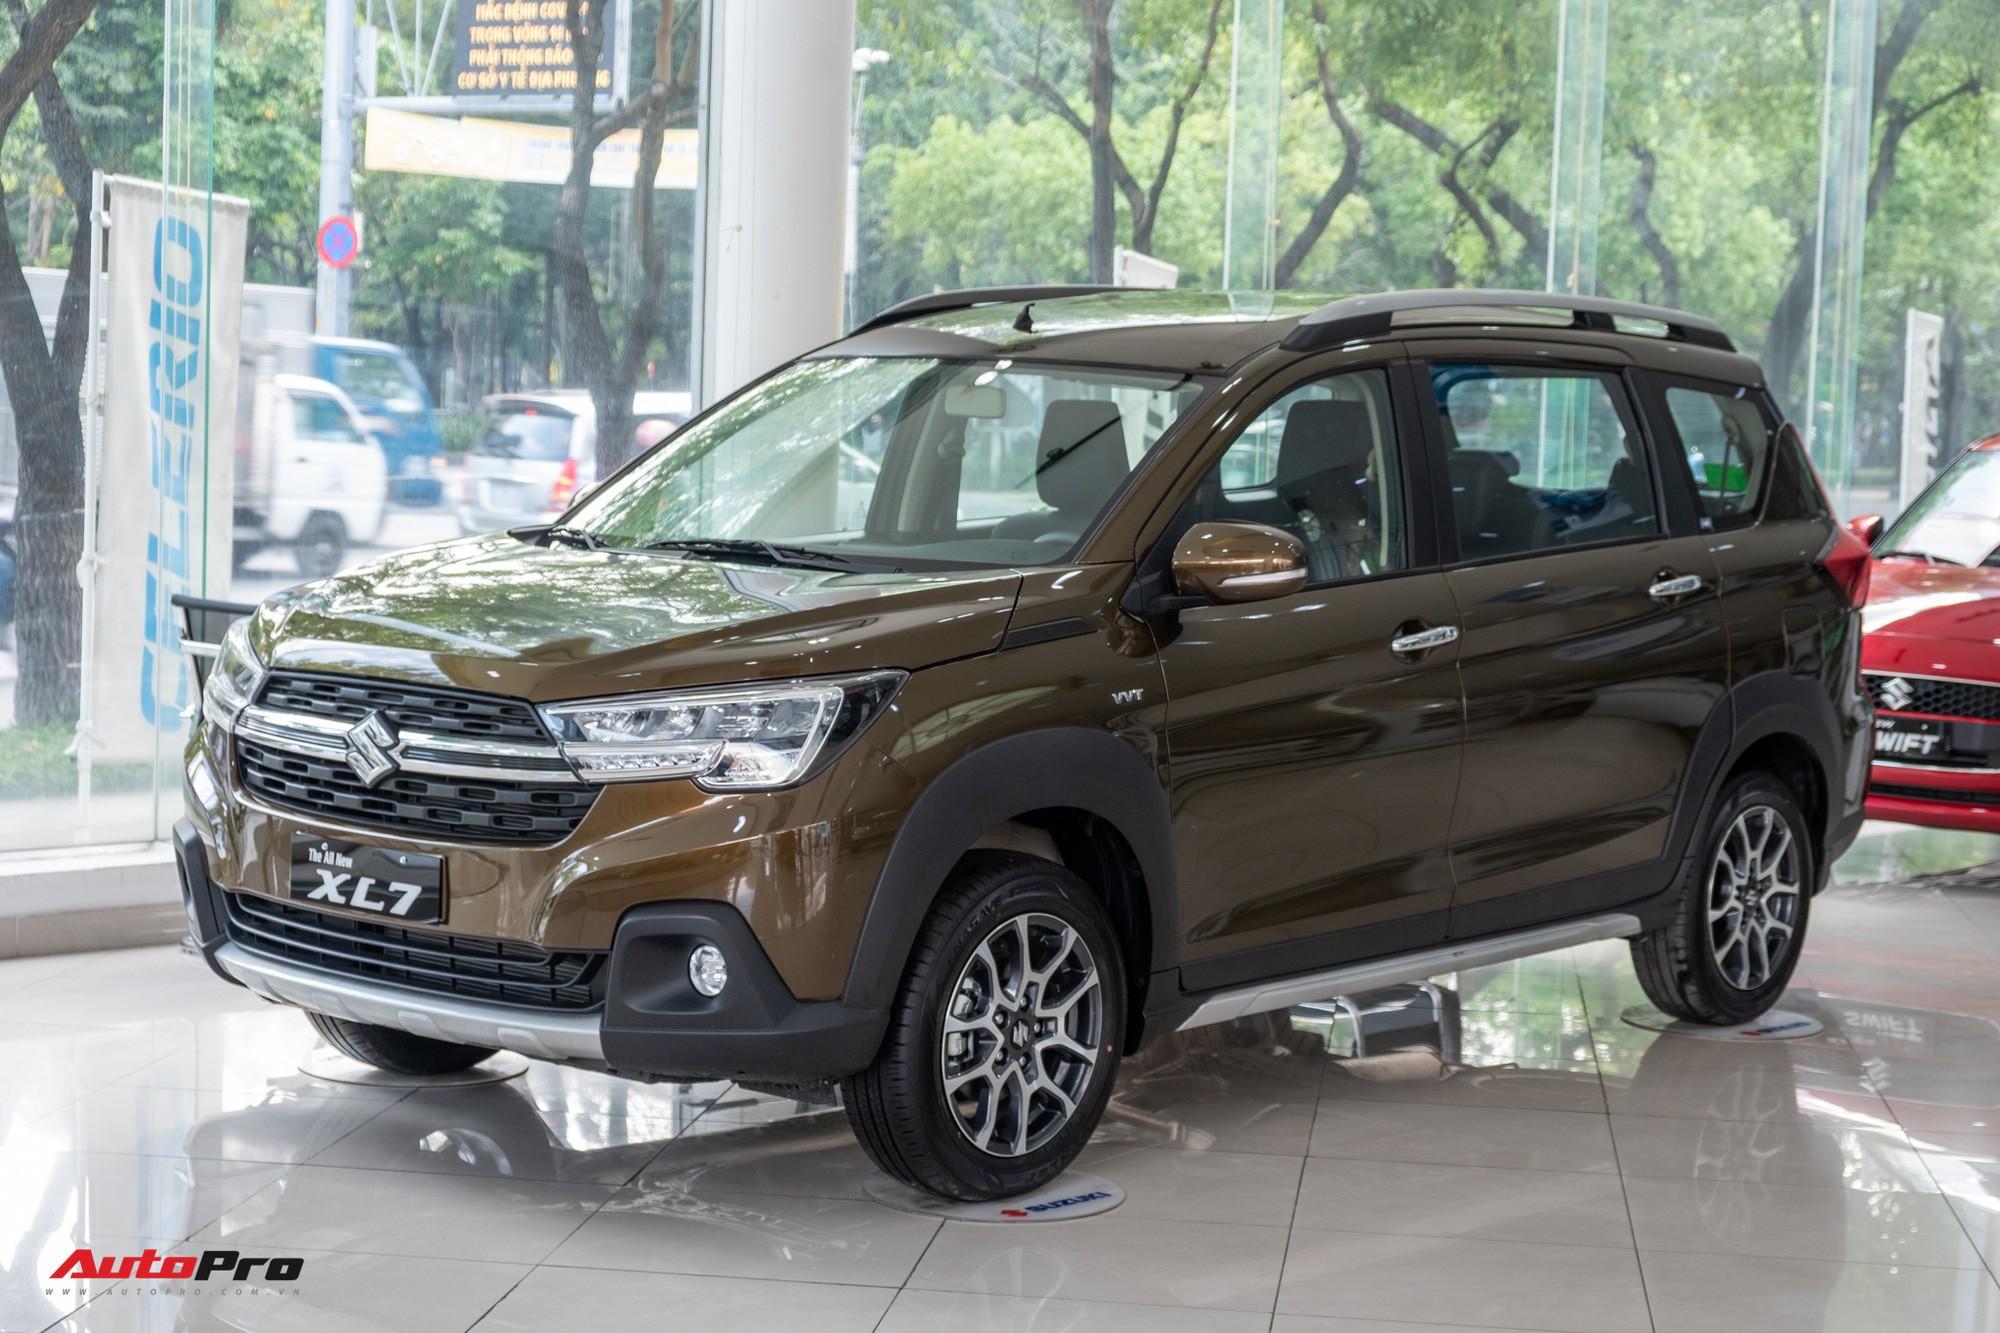 Chi tiết Suzuki XL7 giá 589 triệu đồng - Bản vá thức thời của Ertiga để đấu Mitsubishi Xpander